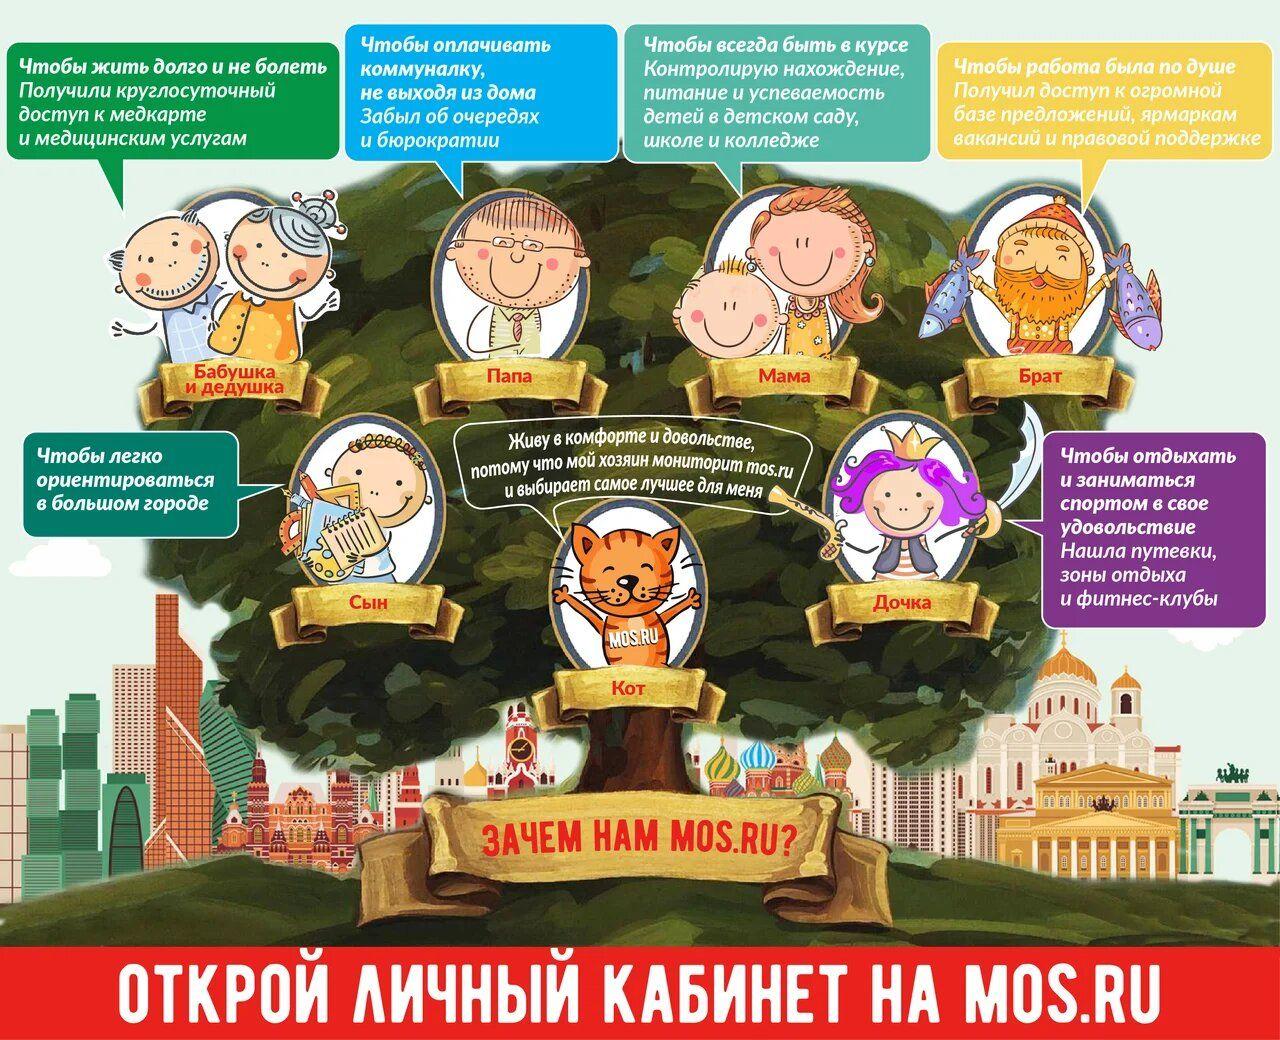 Всю информацию про новую инфекцию можно найти на mos.ru